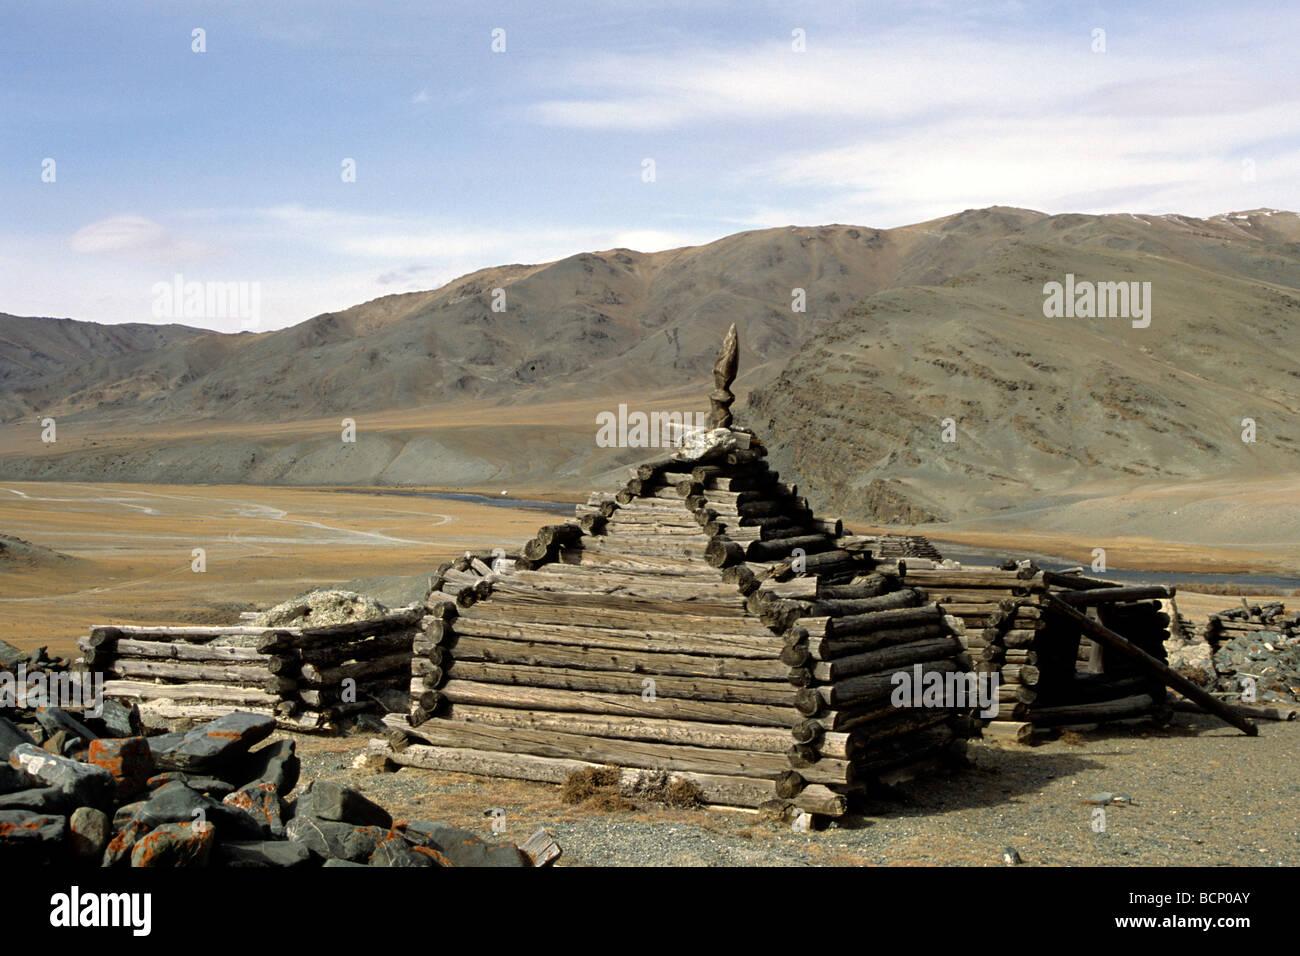 mongolia altai Stock Photo